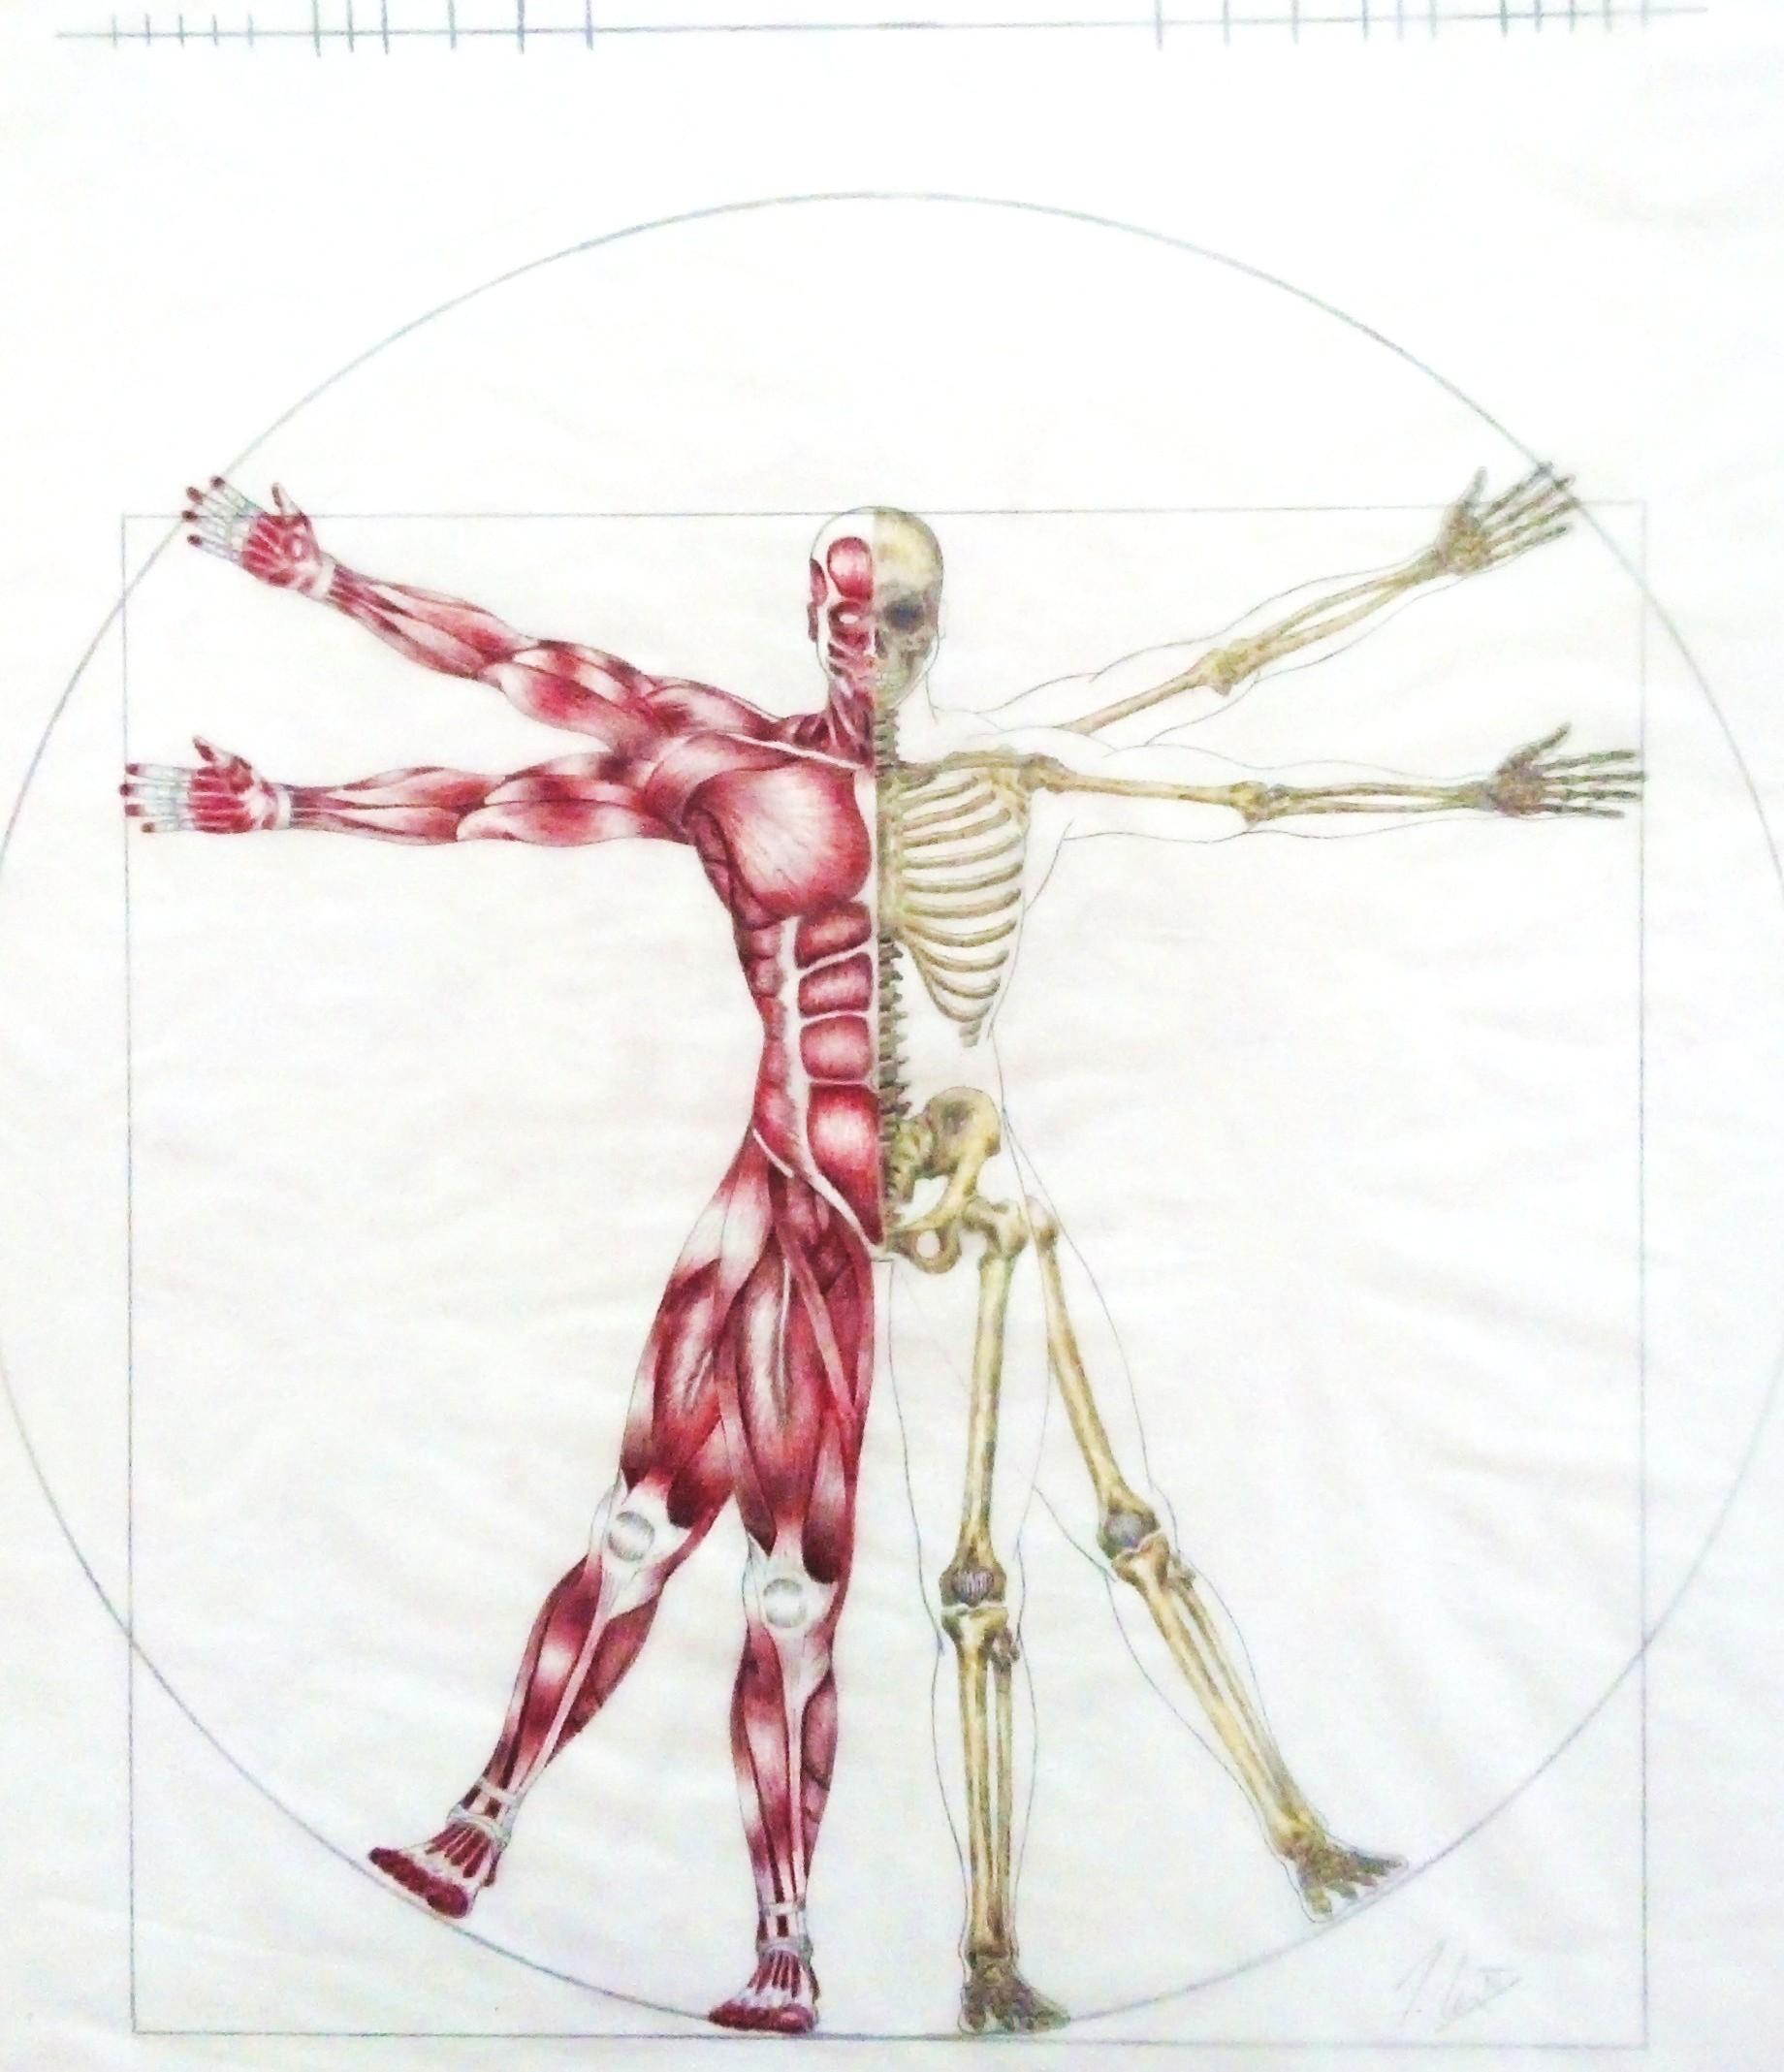 Vitruvian Man Anatomy, Front View